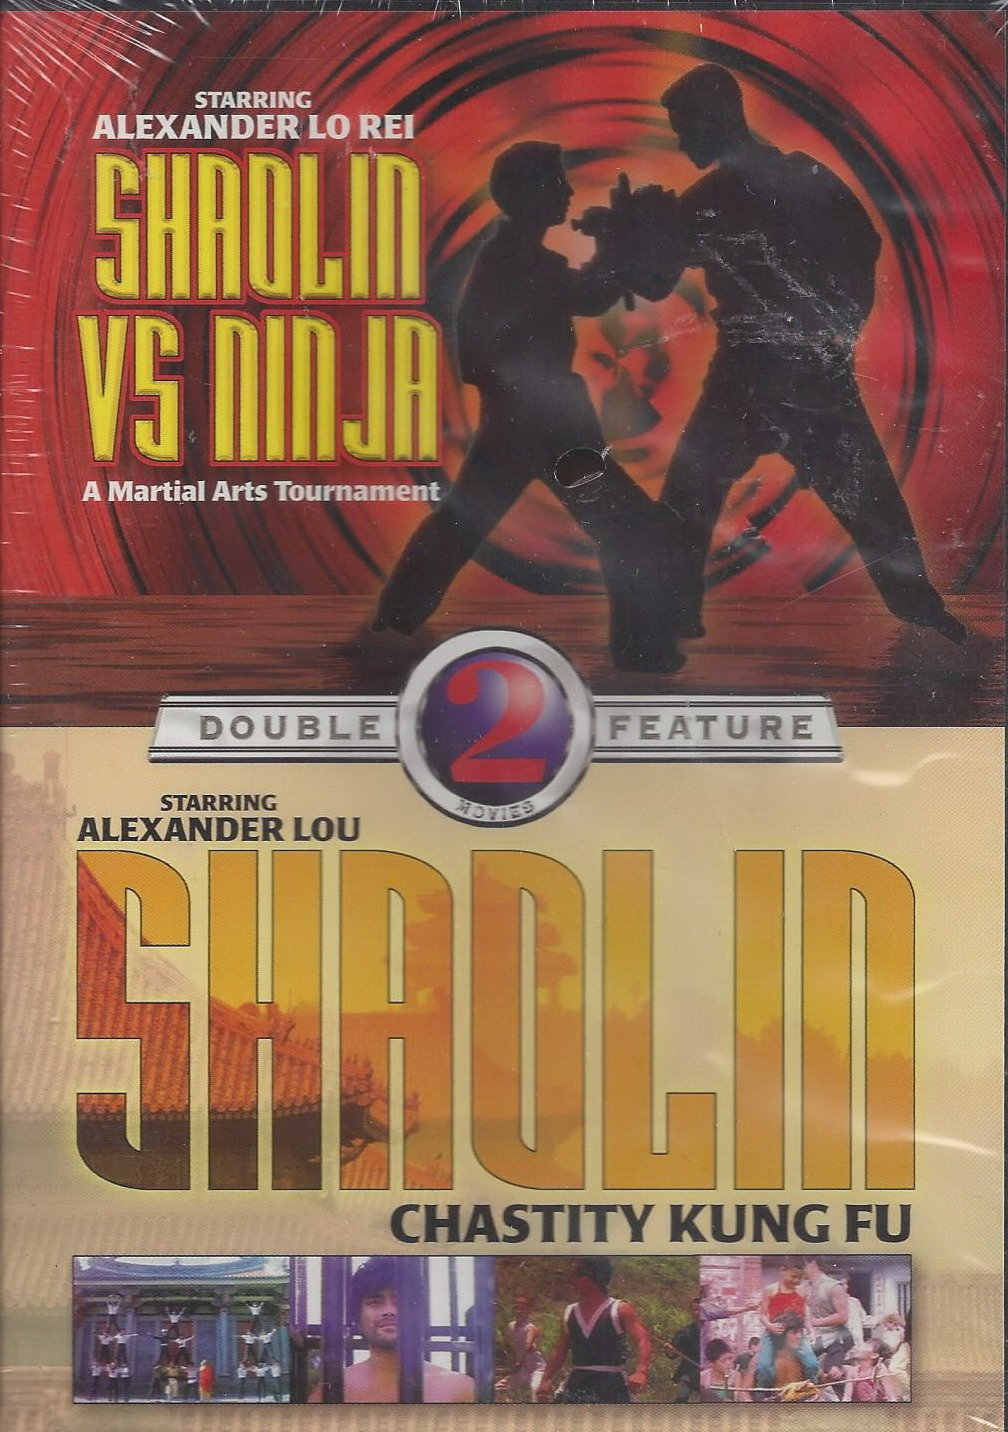 Amazon.com: Shaolin Vs Ninja a Martial Arts Tournament ...